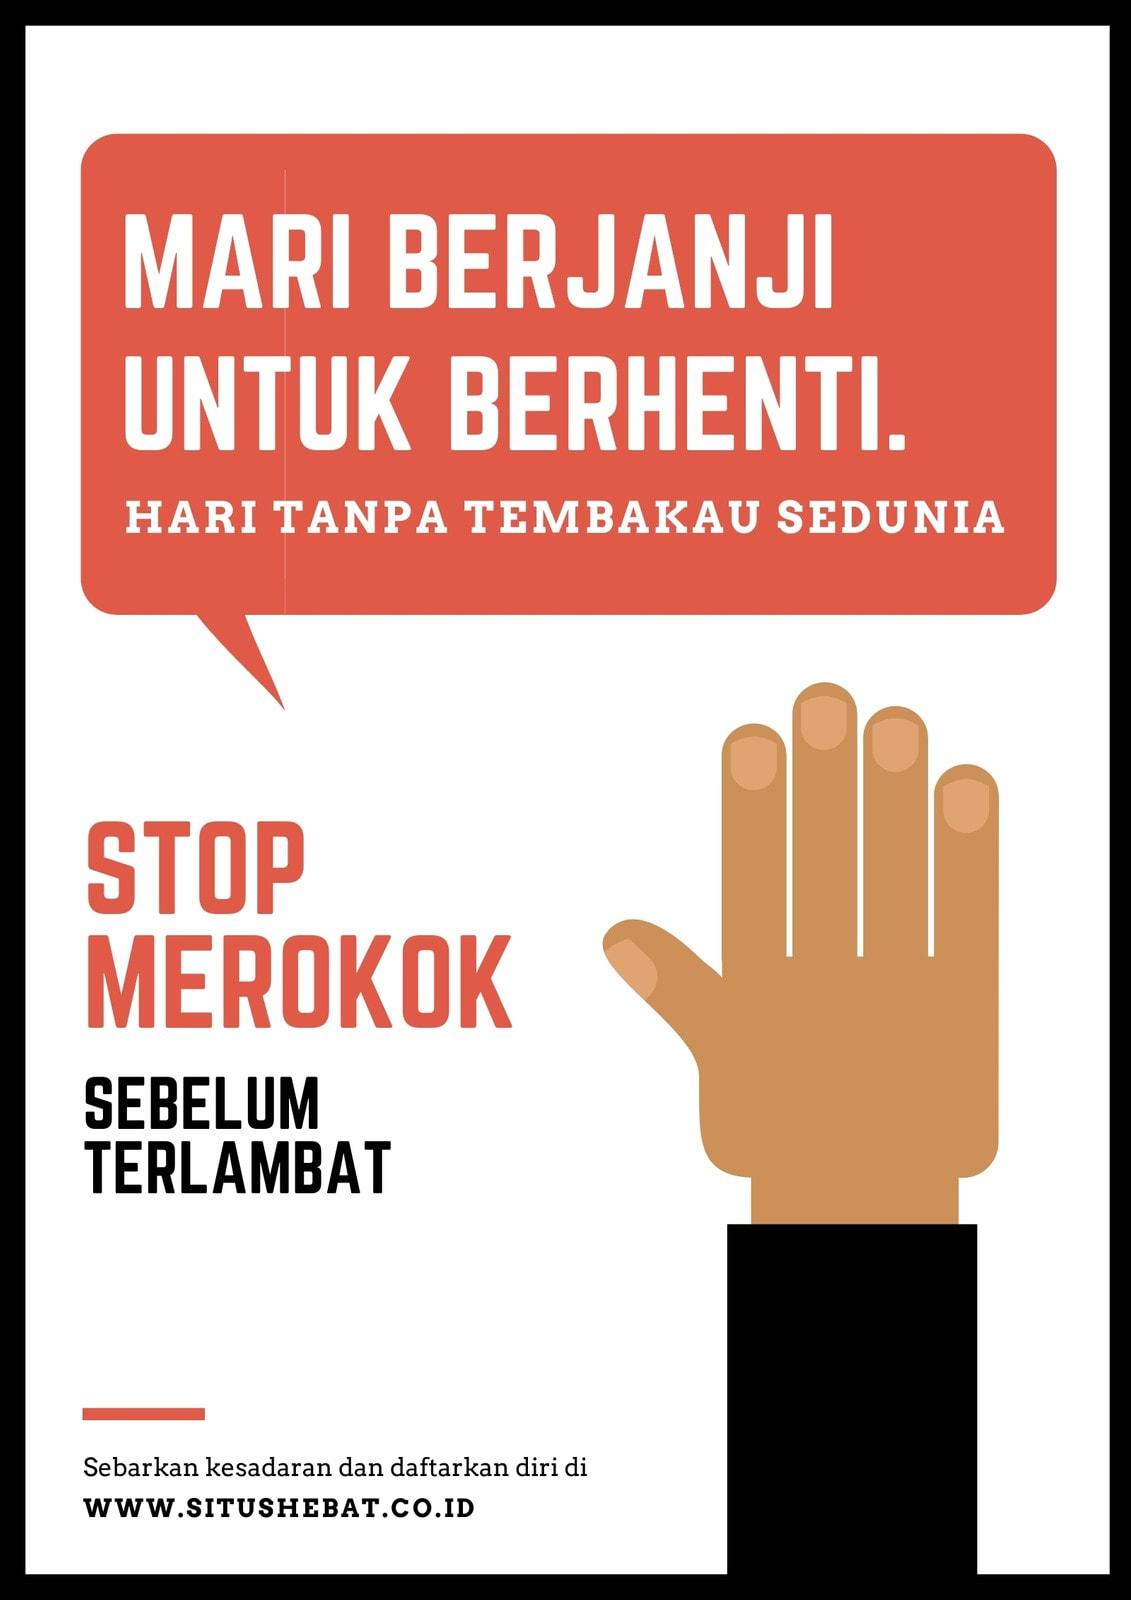 Poster Hari Tanpa Tembakau Sedunia Angkat Tangan Merah dan Hitam